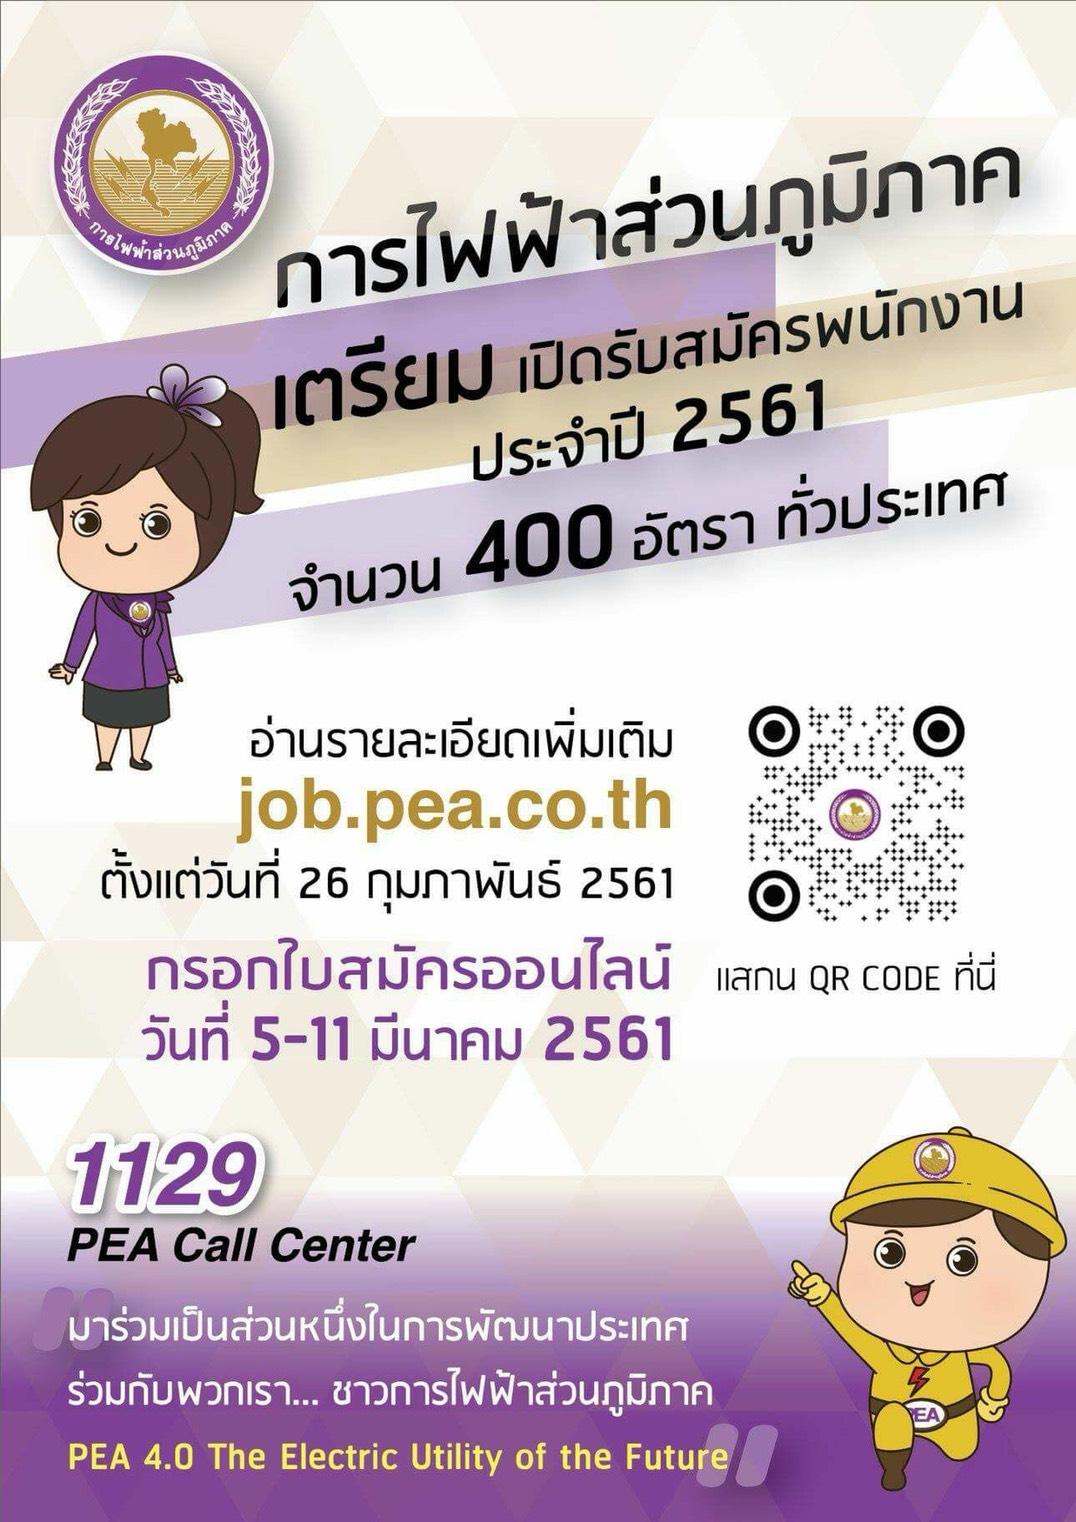 การไฟฟ้าส่วนภูมิภาค กฟภ. สมัครงาน 2561